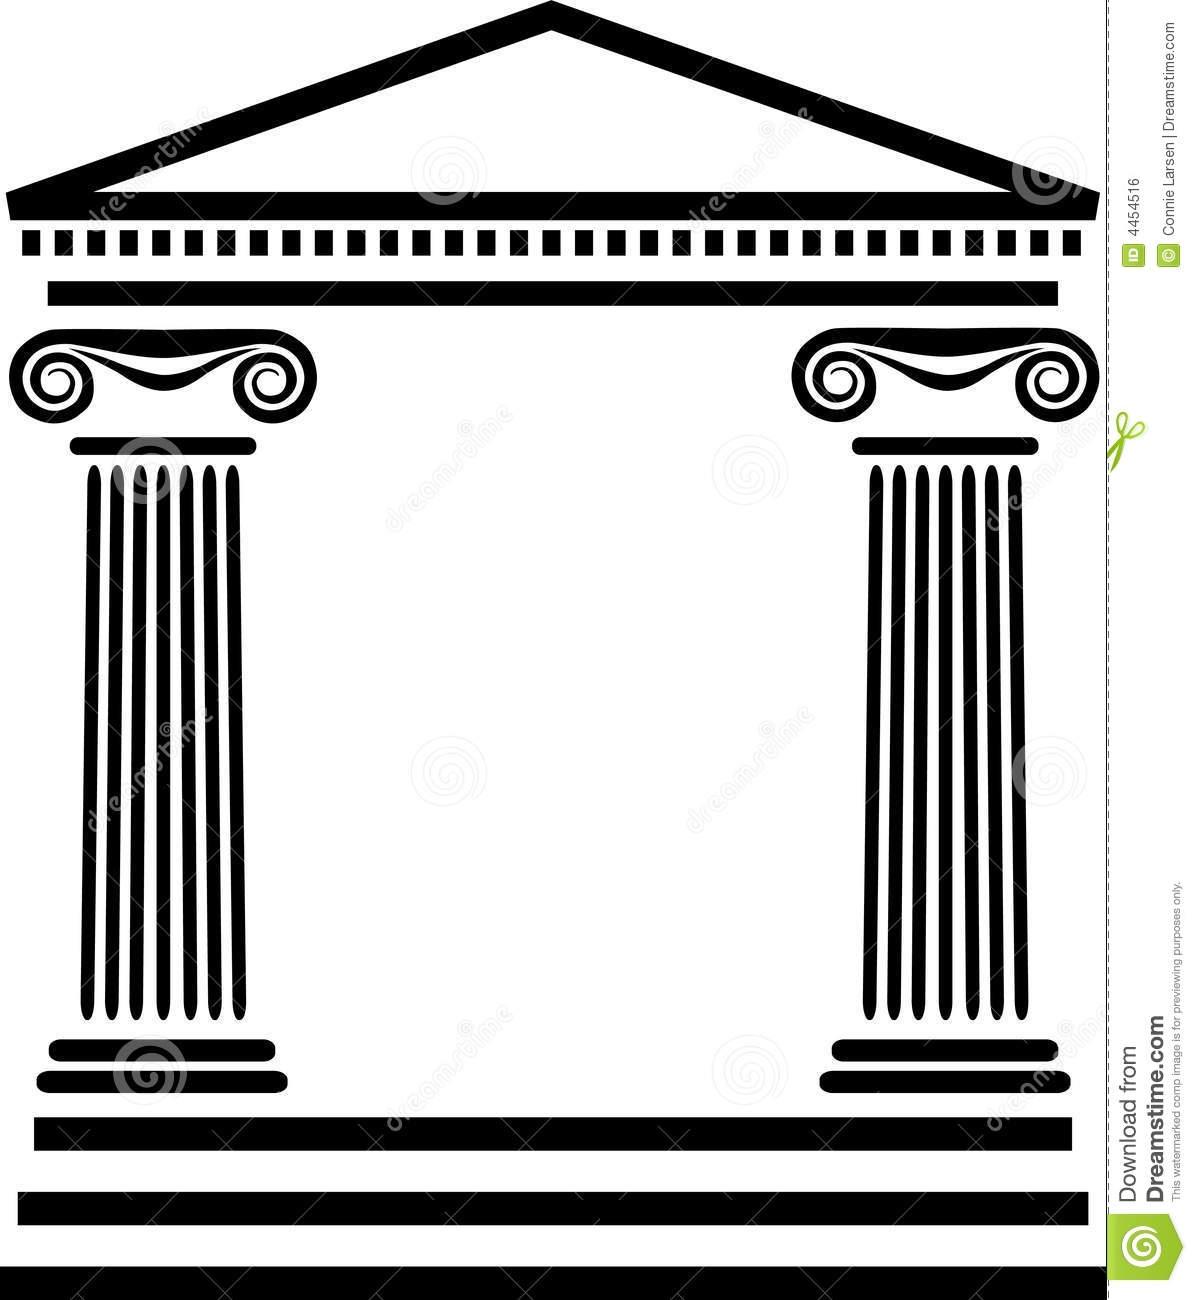 Architecture clipart roman Clipart Greek com clipartsgram Architecture